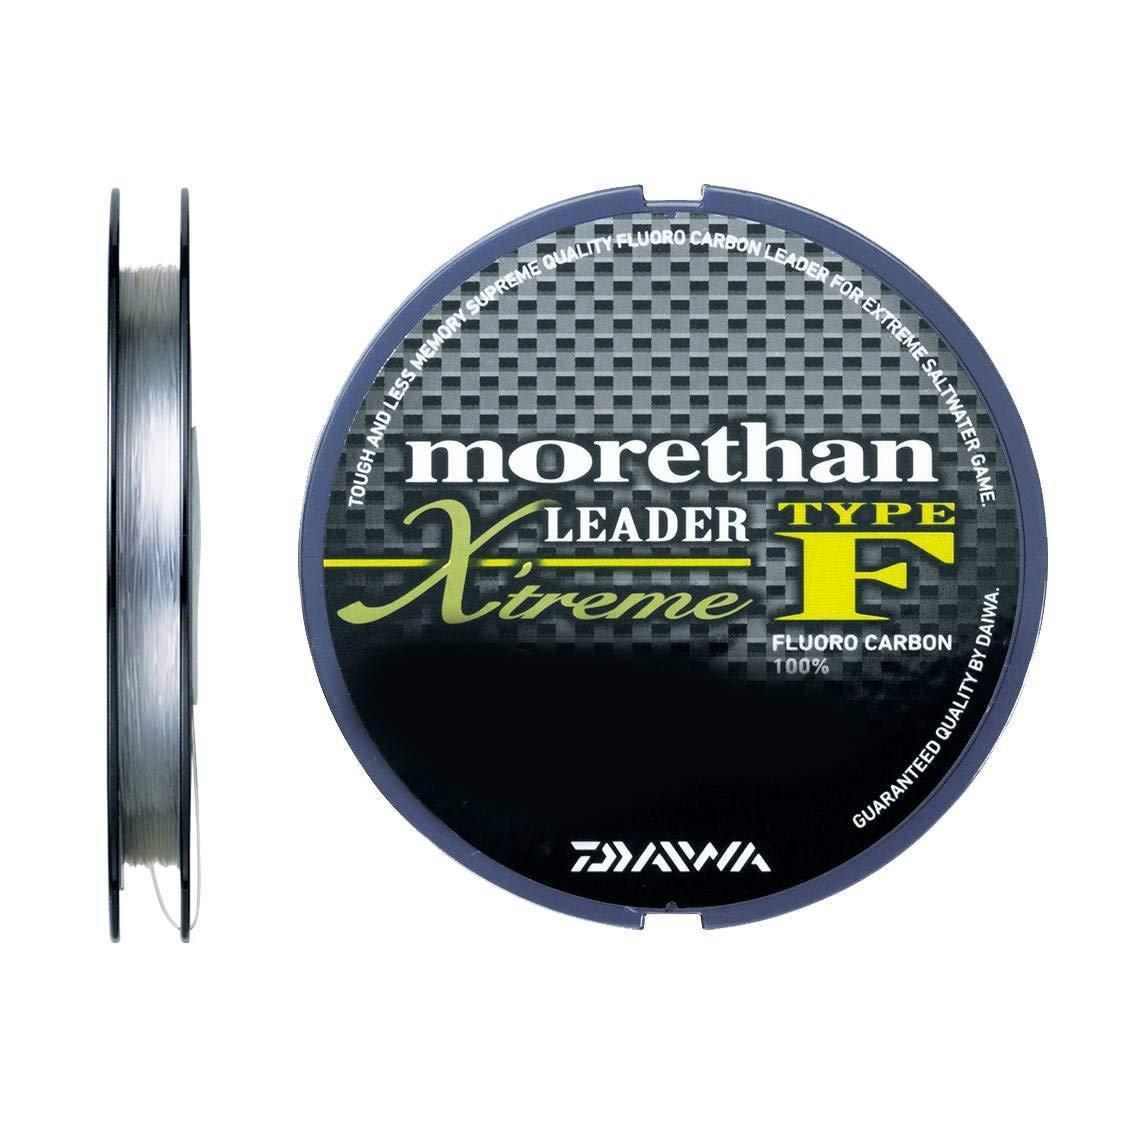 DAIWA morethan LEADER X treme TYPE F 30lb 25m